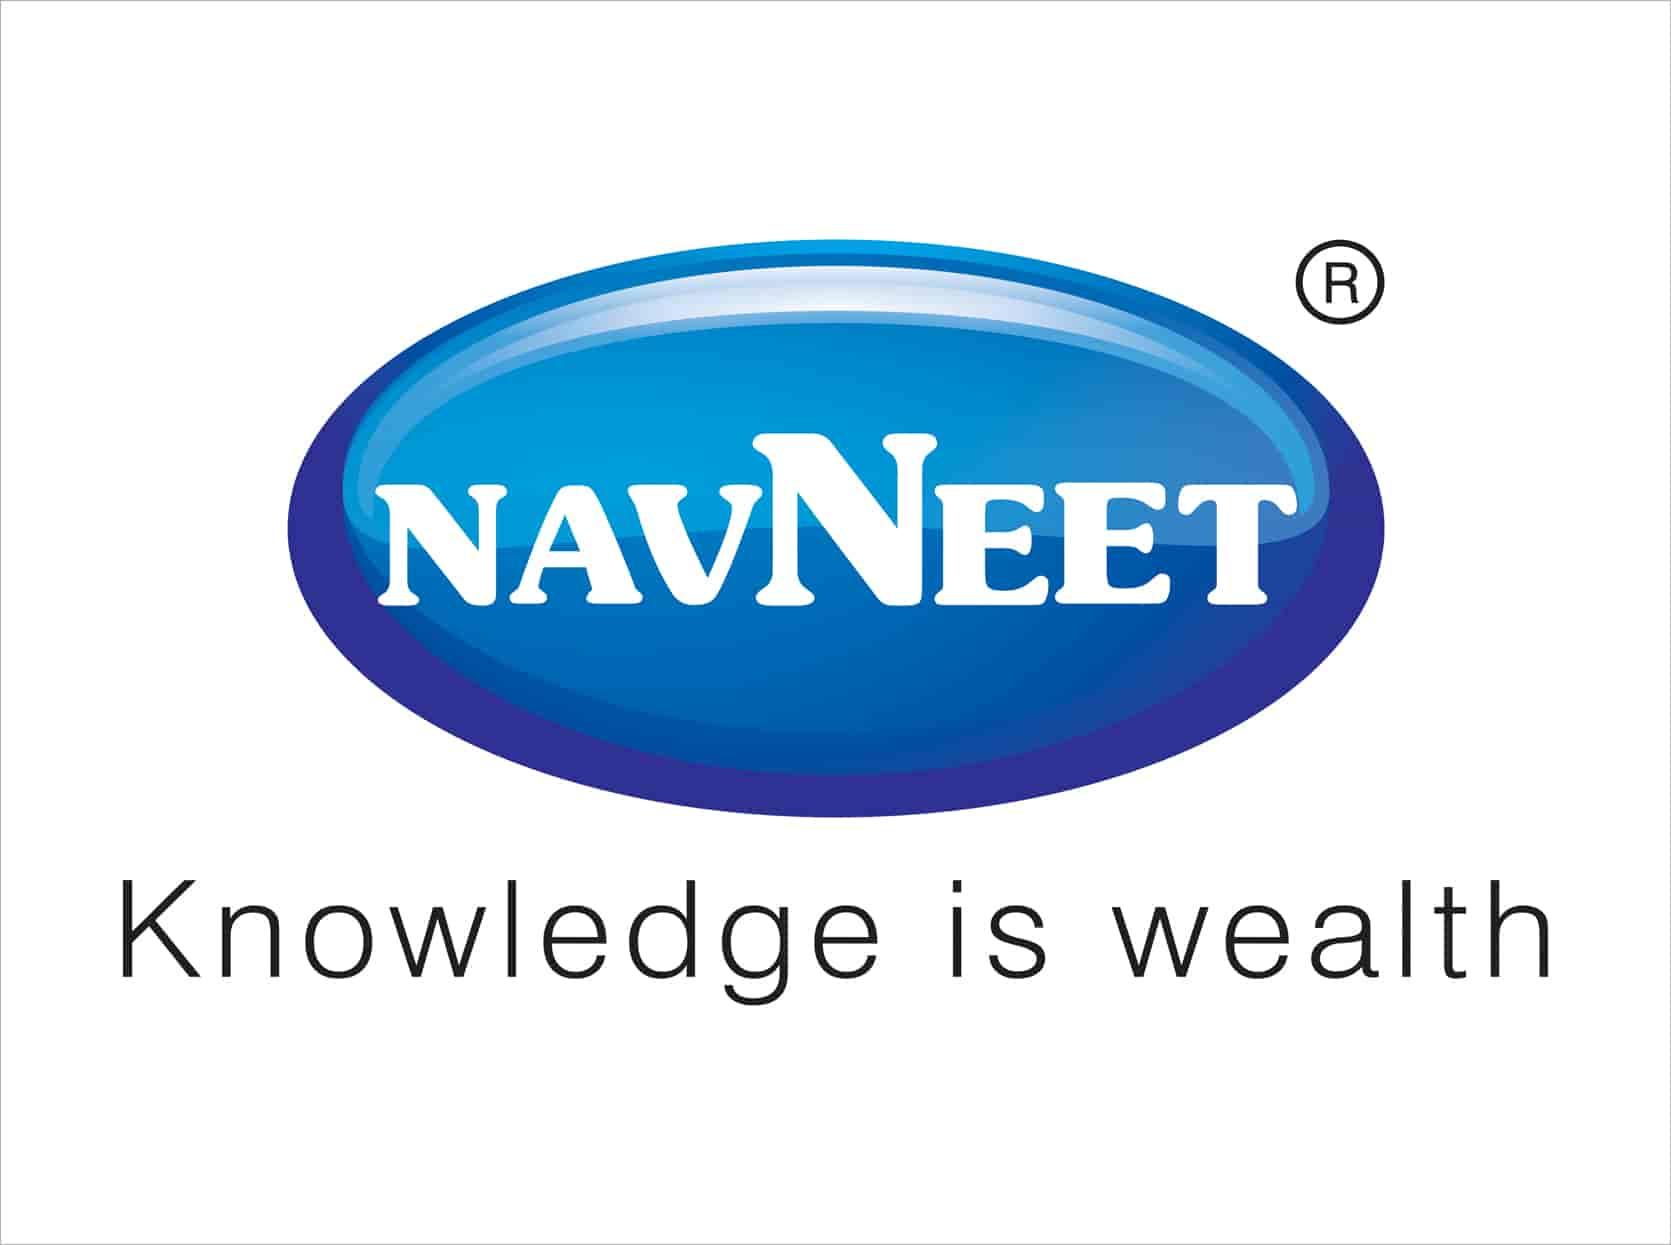 NavNeet